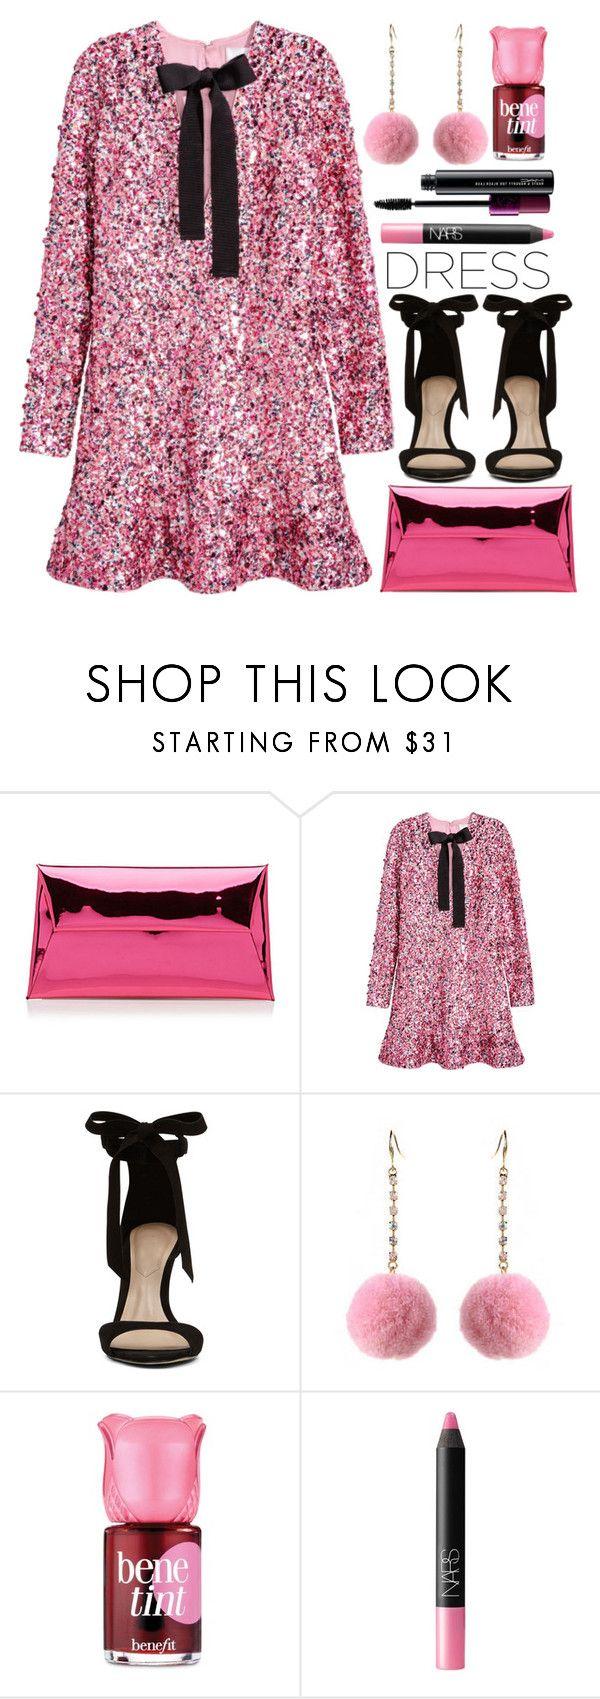 981 best Shop til you drop images on Pinterest | Gótico pastel, I ...